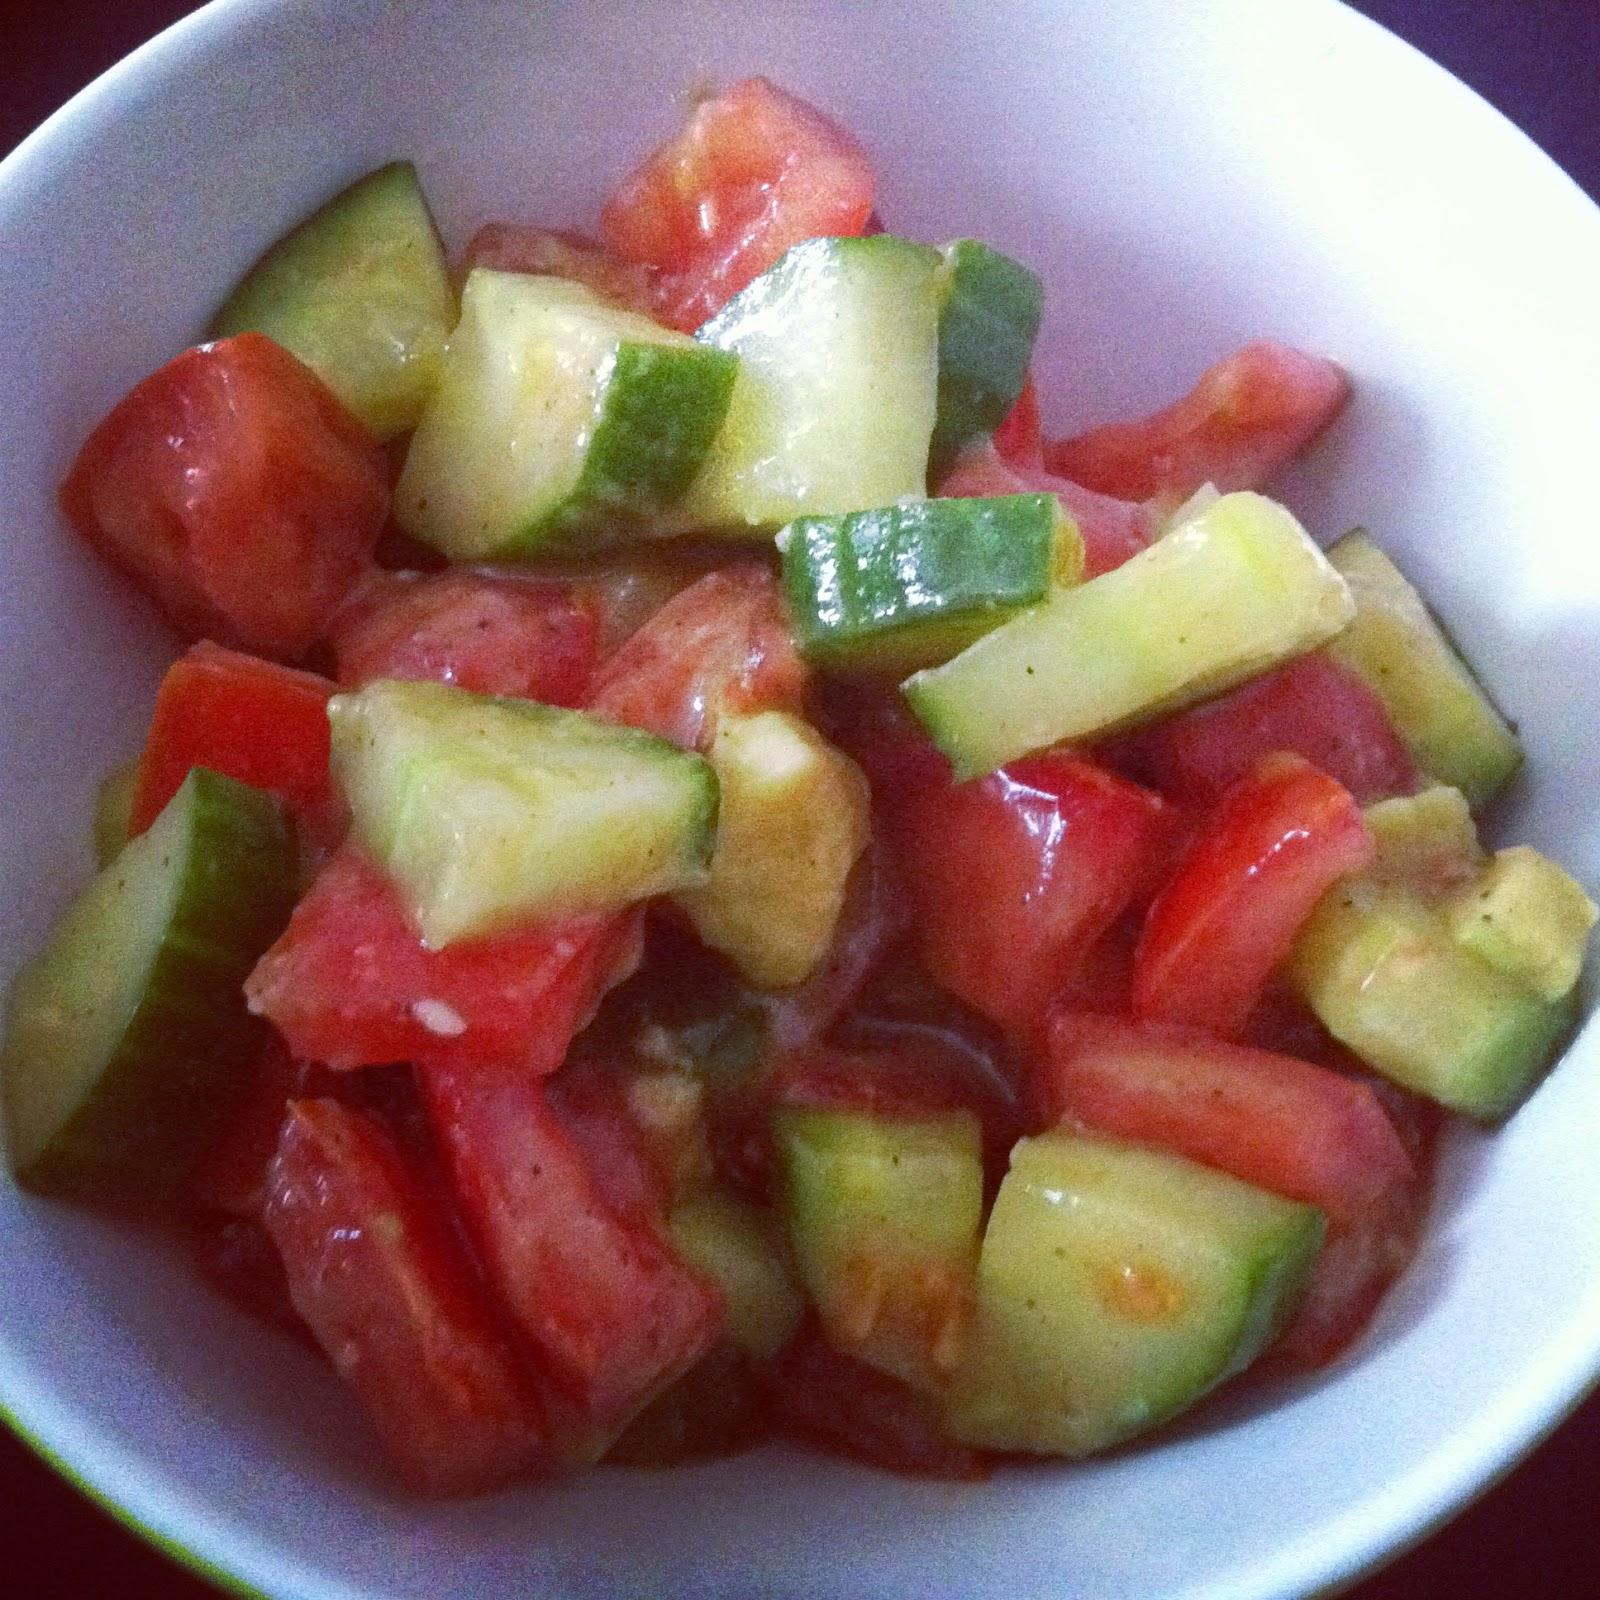 http://healthyveganweightloss.blogspot.de/2014/08/rezept-tomaten-gurken-avocado-salat.html